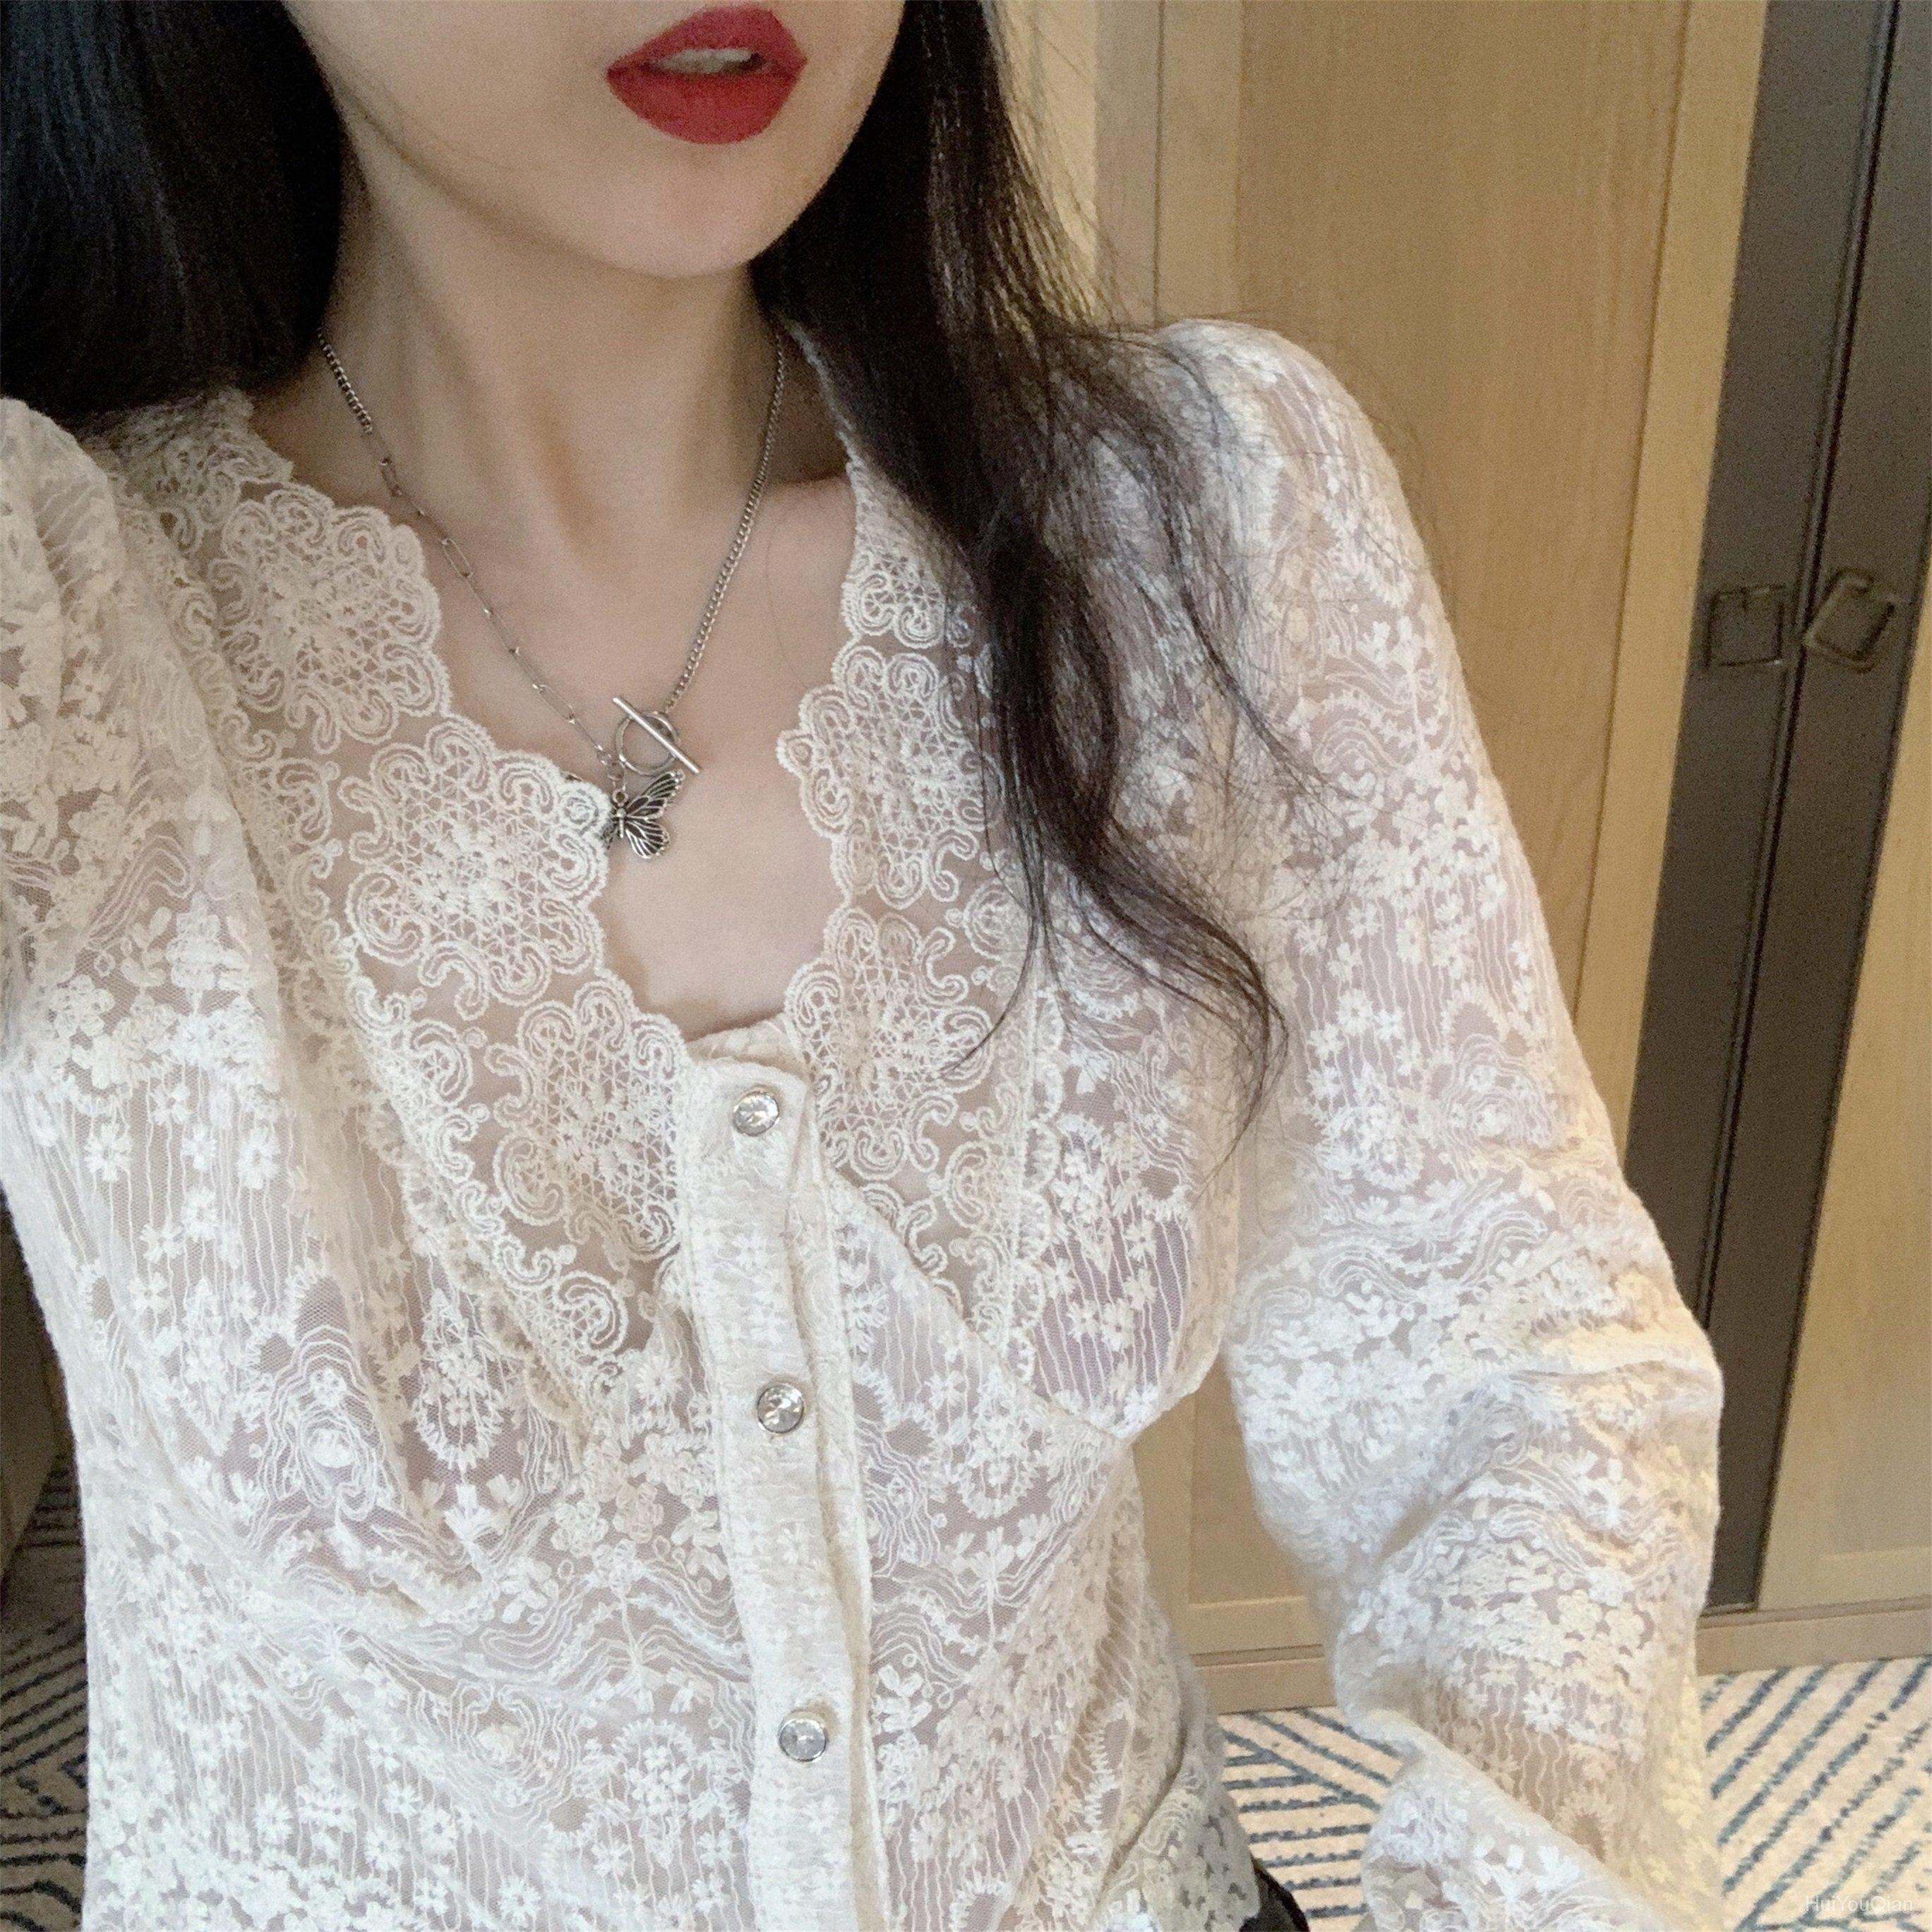 蕾絲打底衫女春季2021新款性感氣質韓版V領修身短款百搭長袖上衣